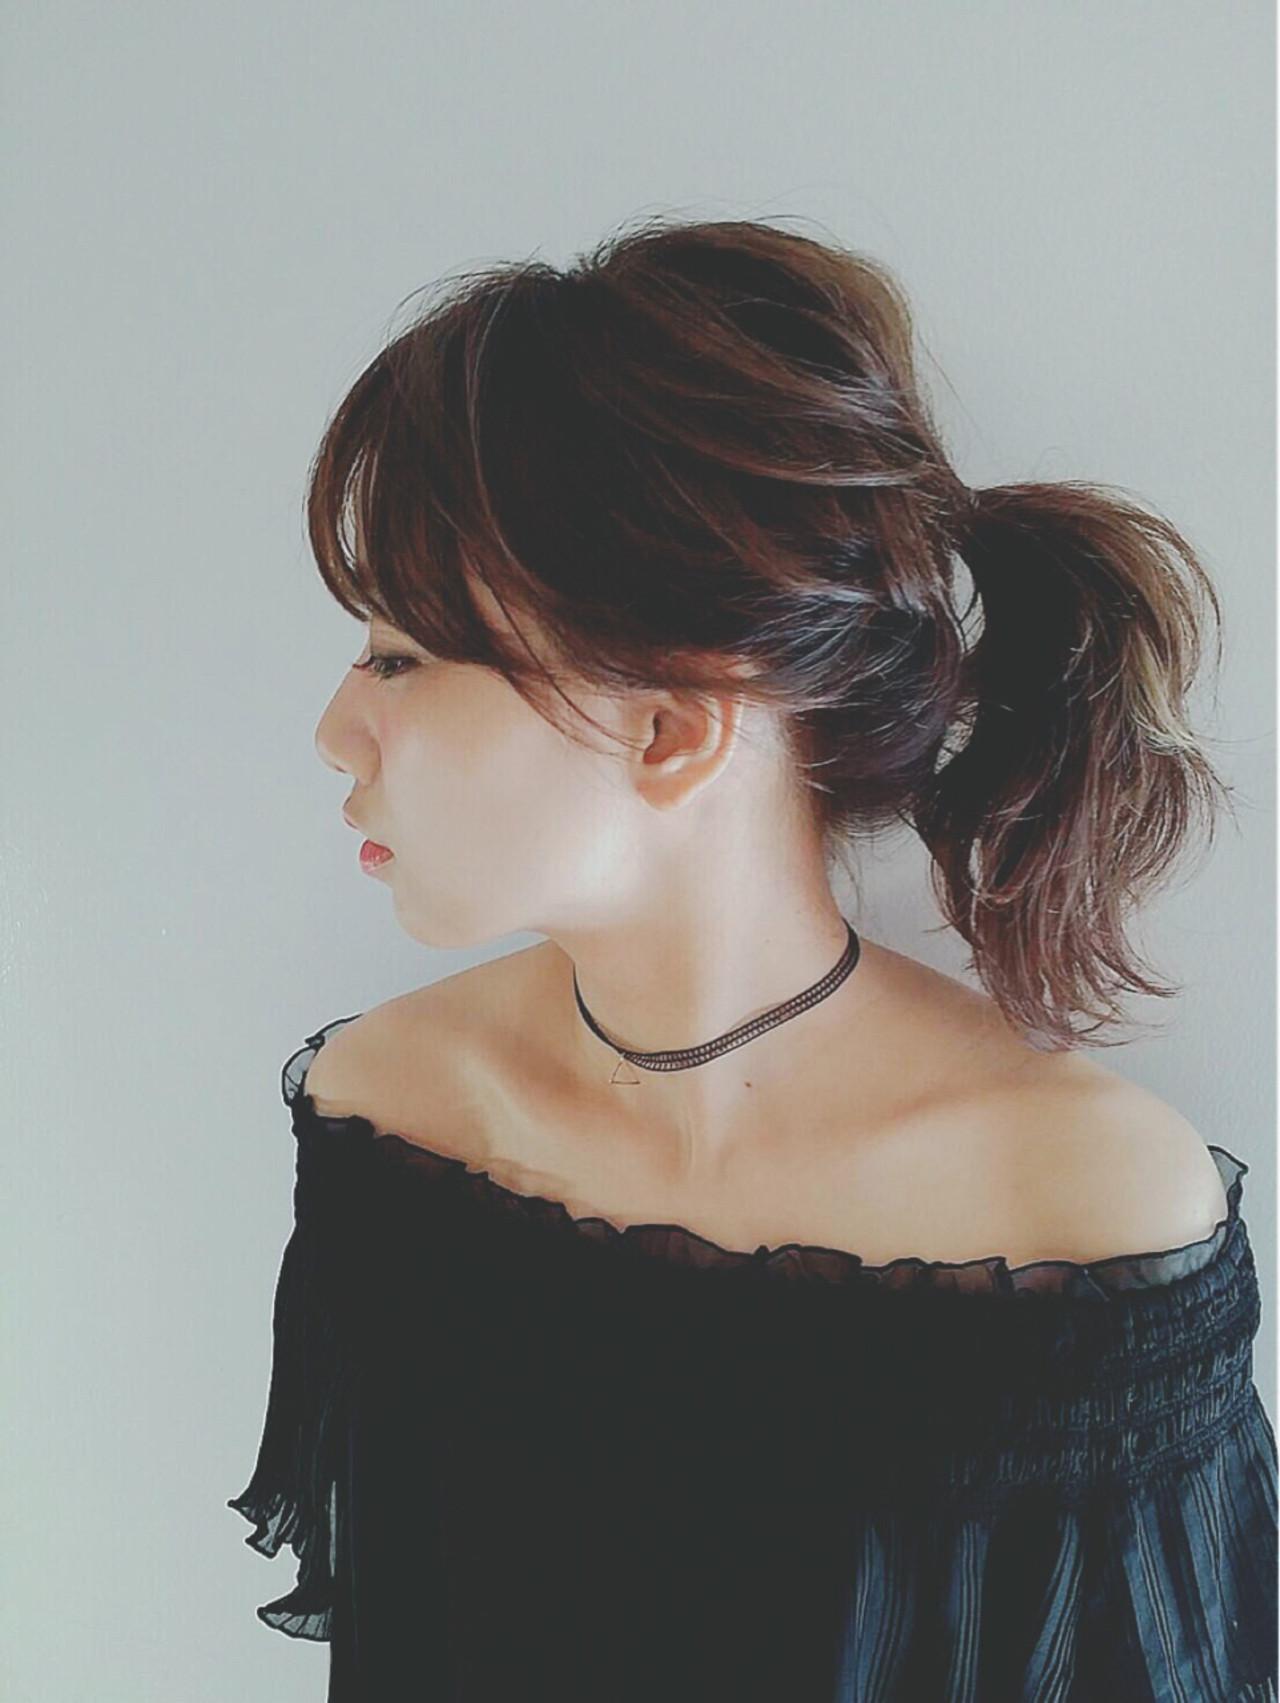 【2016夏】暑さを乗り切る最強の味方ポニーテール♡定番から最新のヘアアレンジお見せします! Mikity